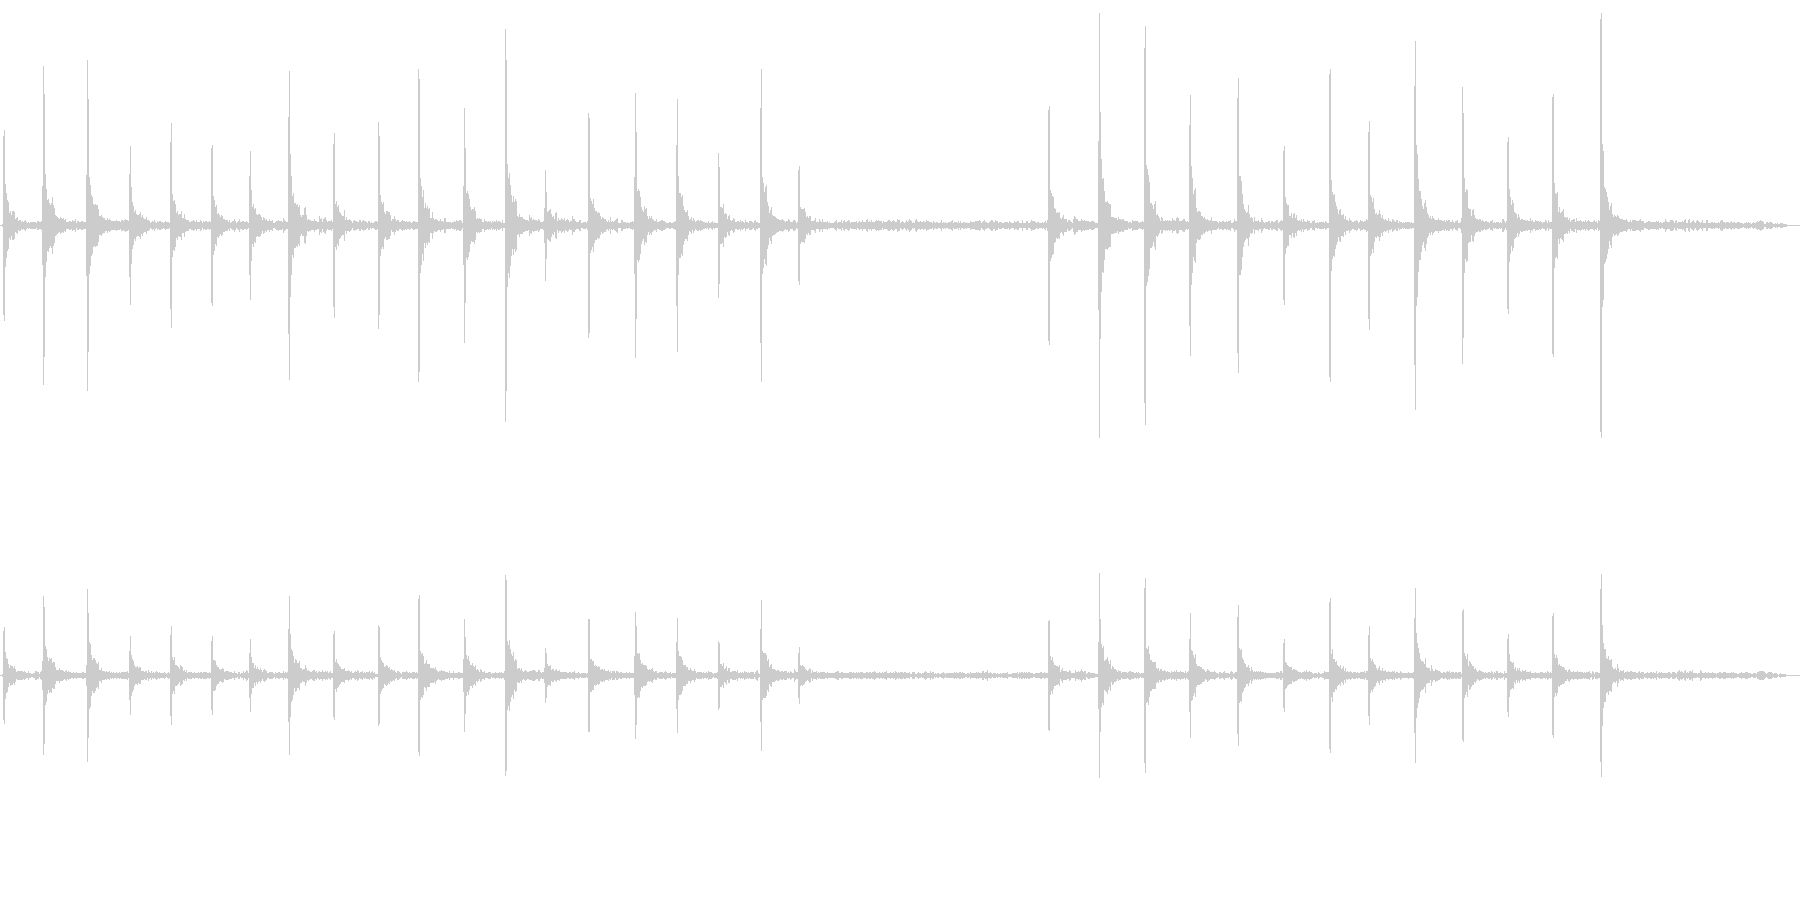 カツカツカツカツ(連続する乾いた音)の未再生の波形